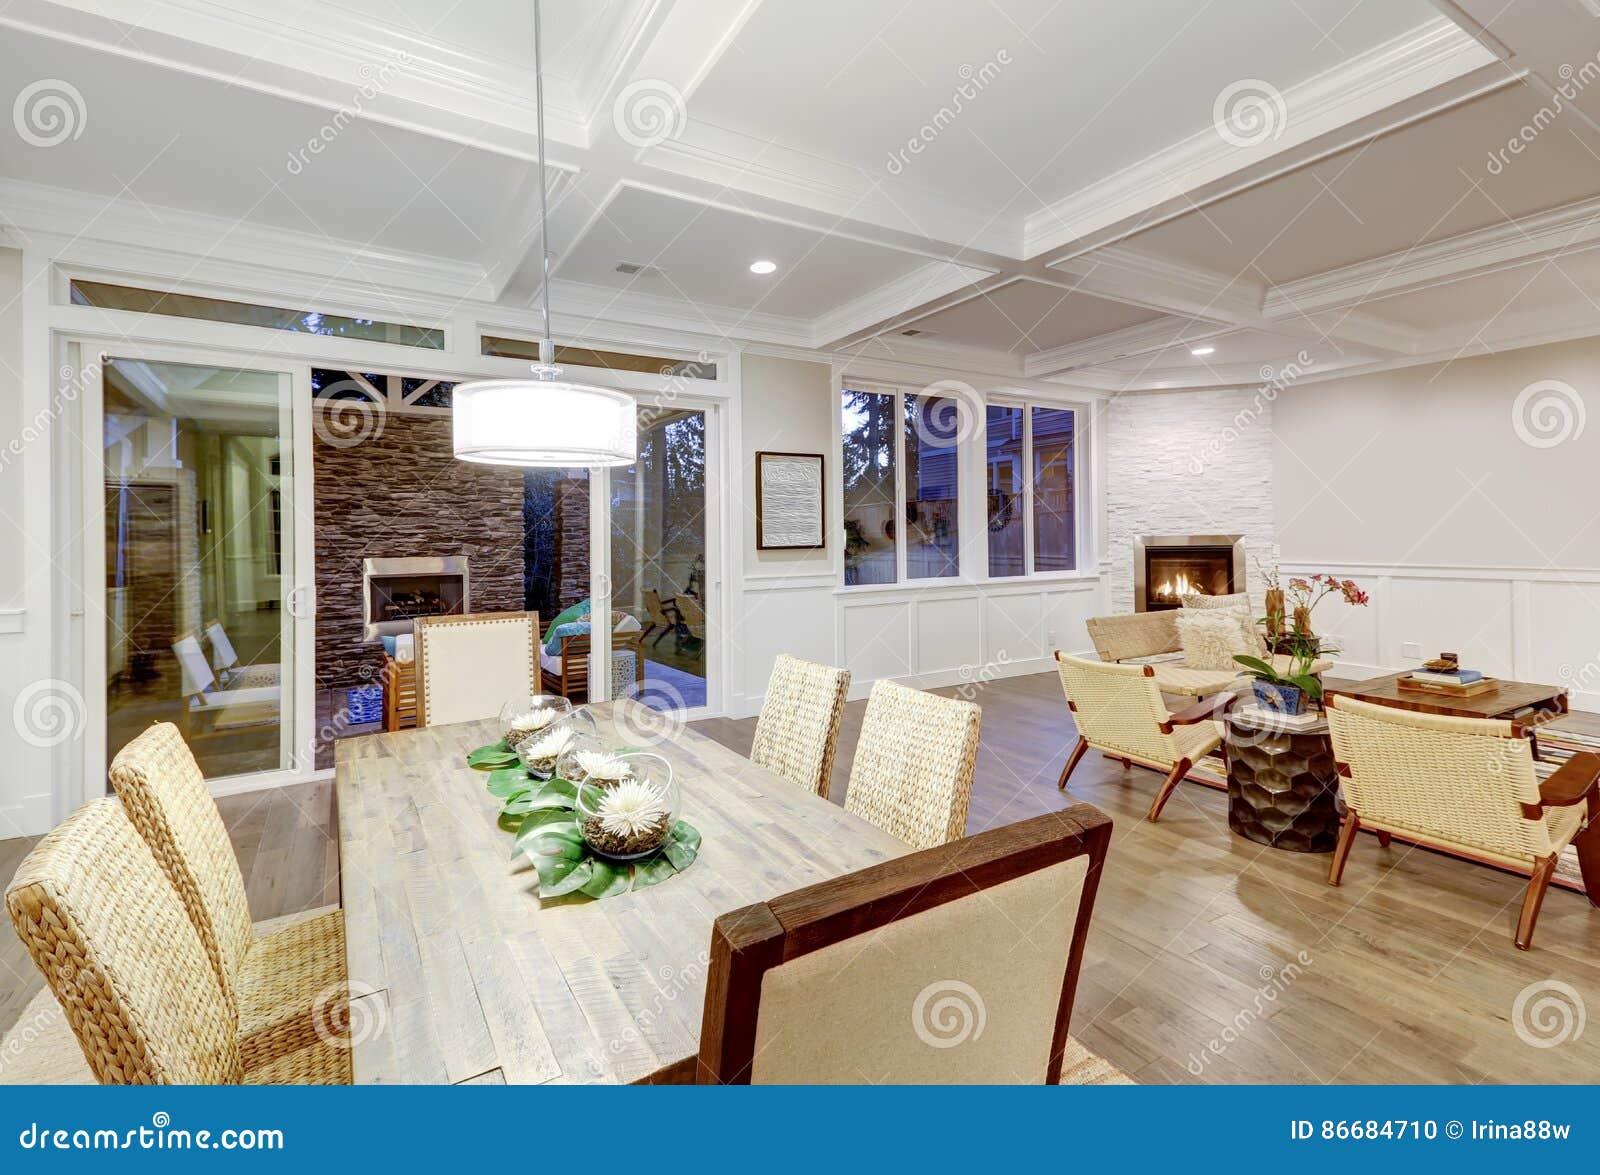 用餐与coffered cealing的可爱的工匠样式空间